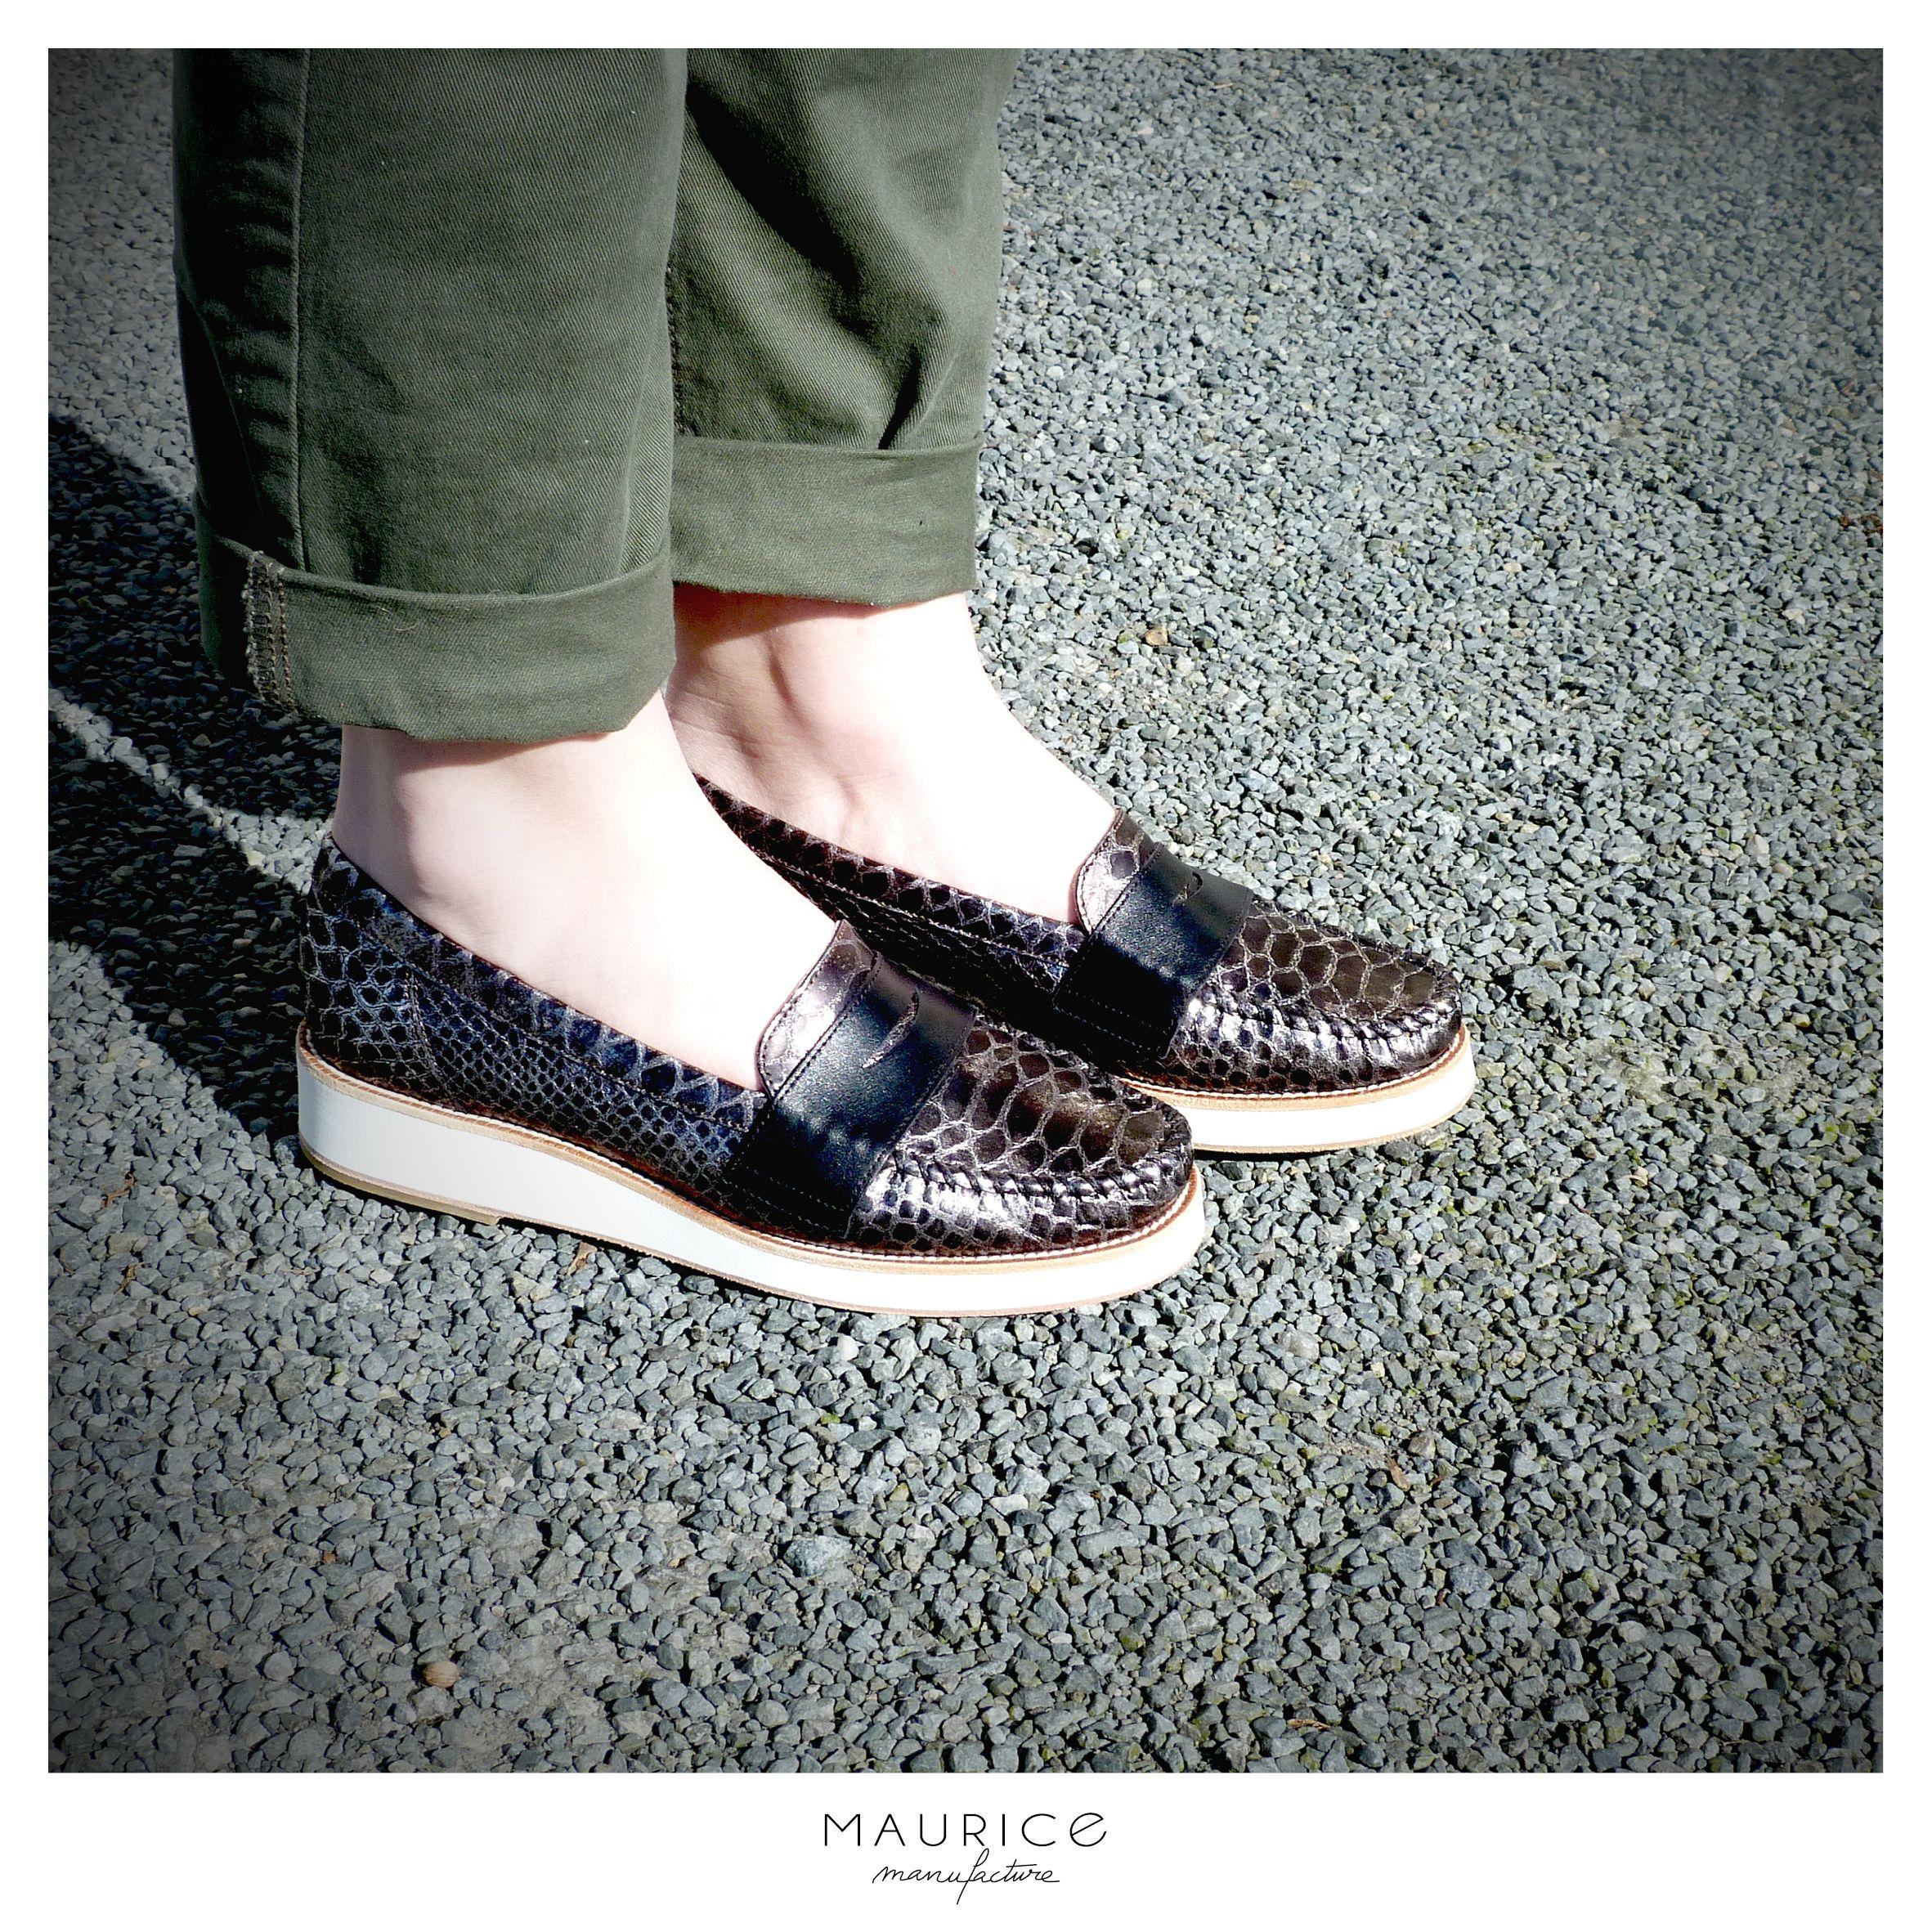 Printemps Eté Wqvxno4fyf Femme Maurice Manufacture 2015 Chaussures rwyaqrFz